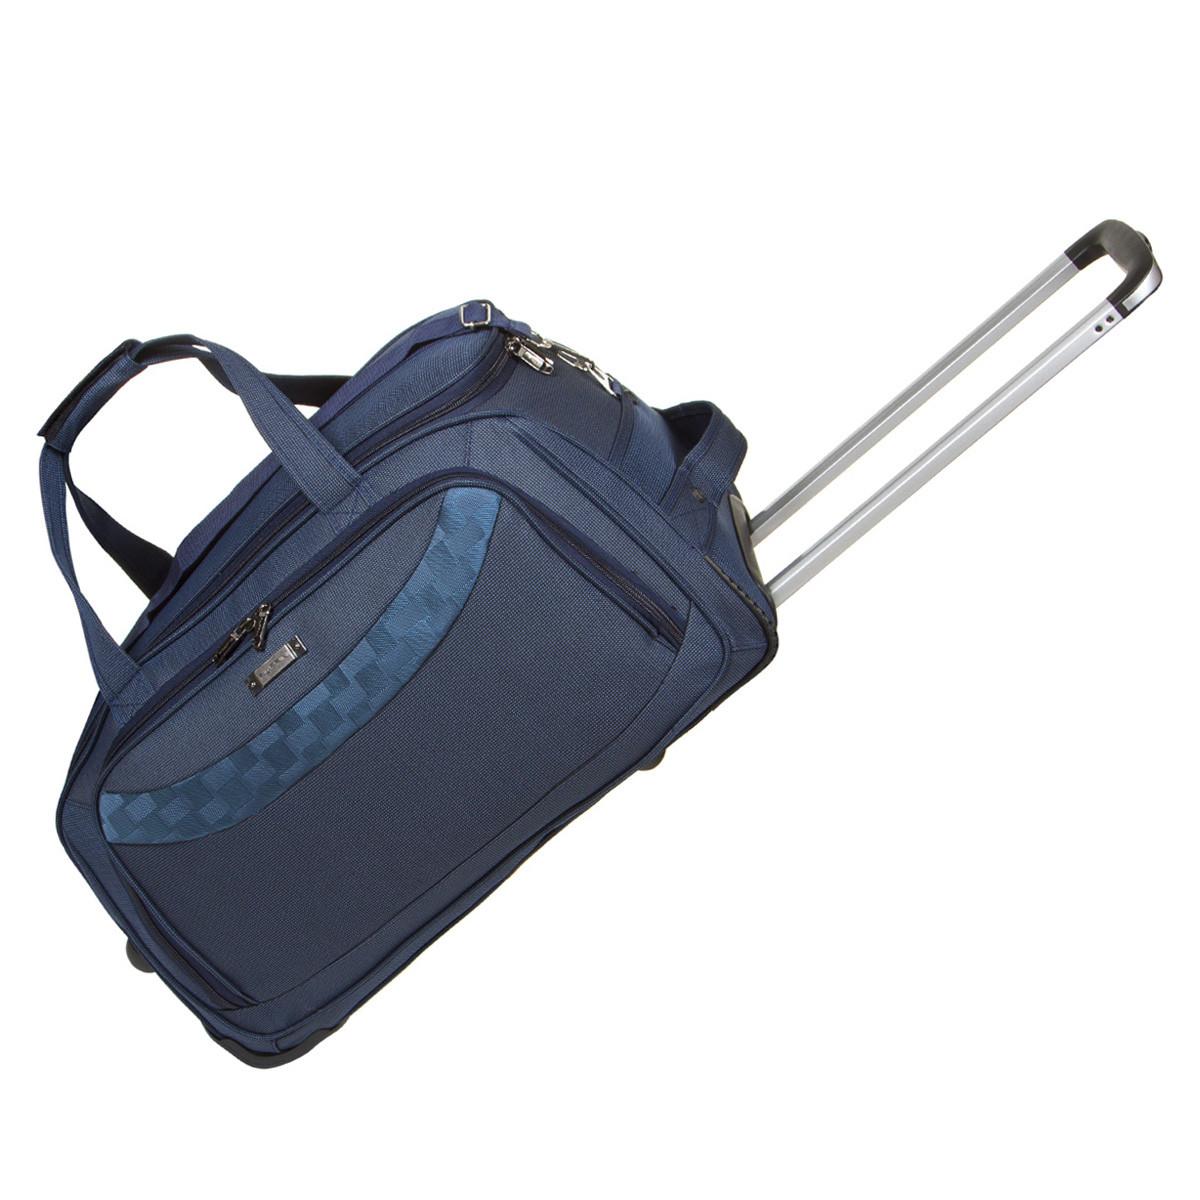 Дорожная сумка FILIPPINI малая формованная три колеса  57х29х33 выдвижная ручка  синяя ксТ0046-1синм